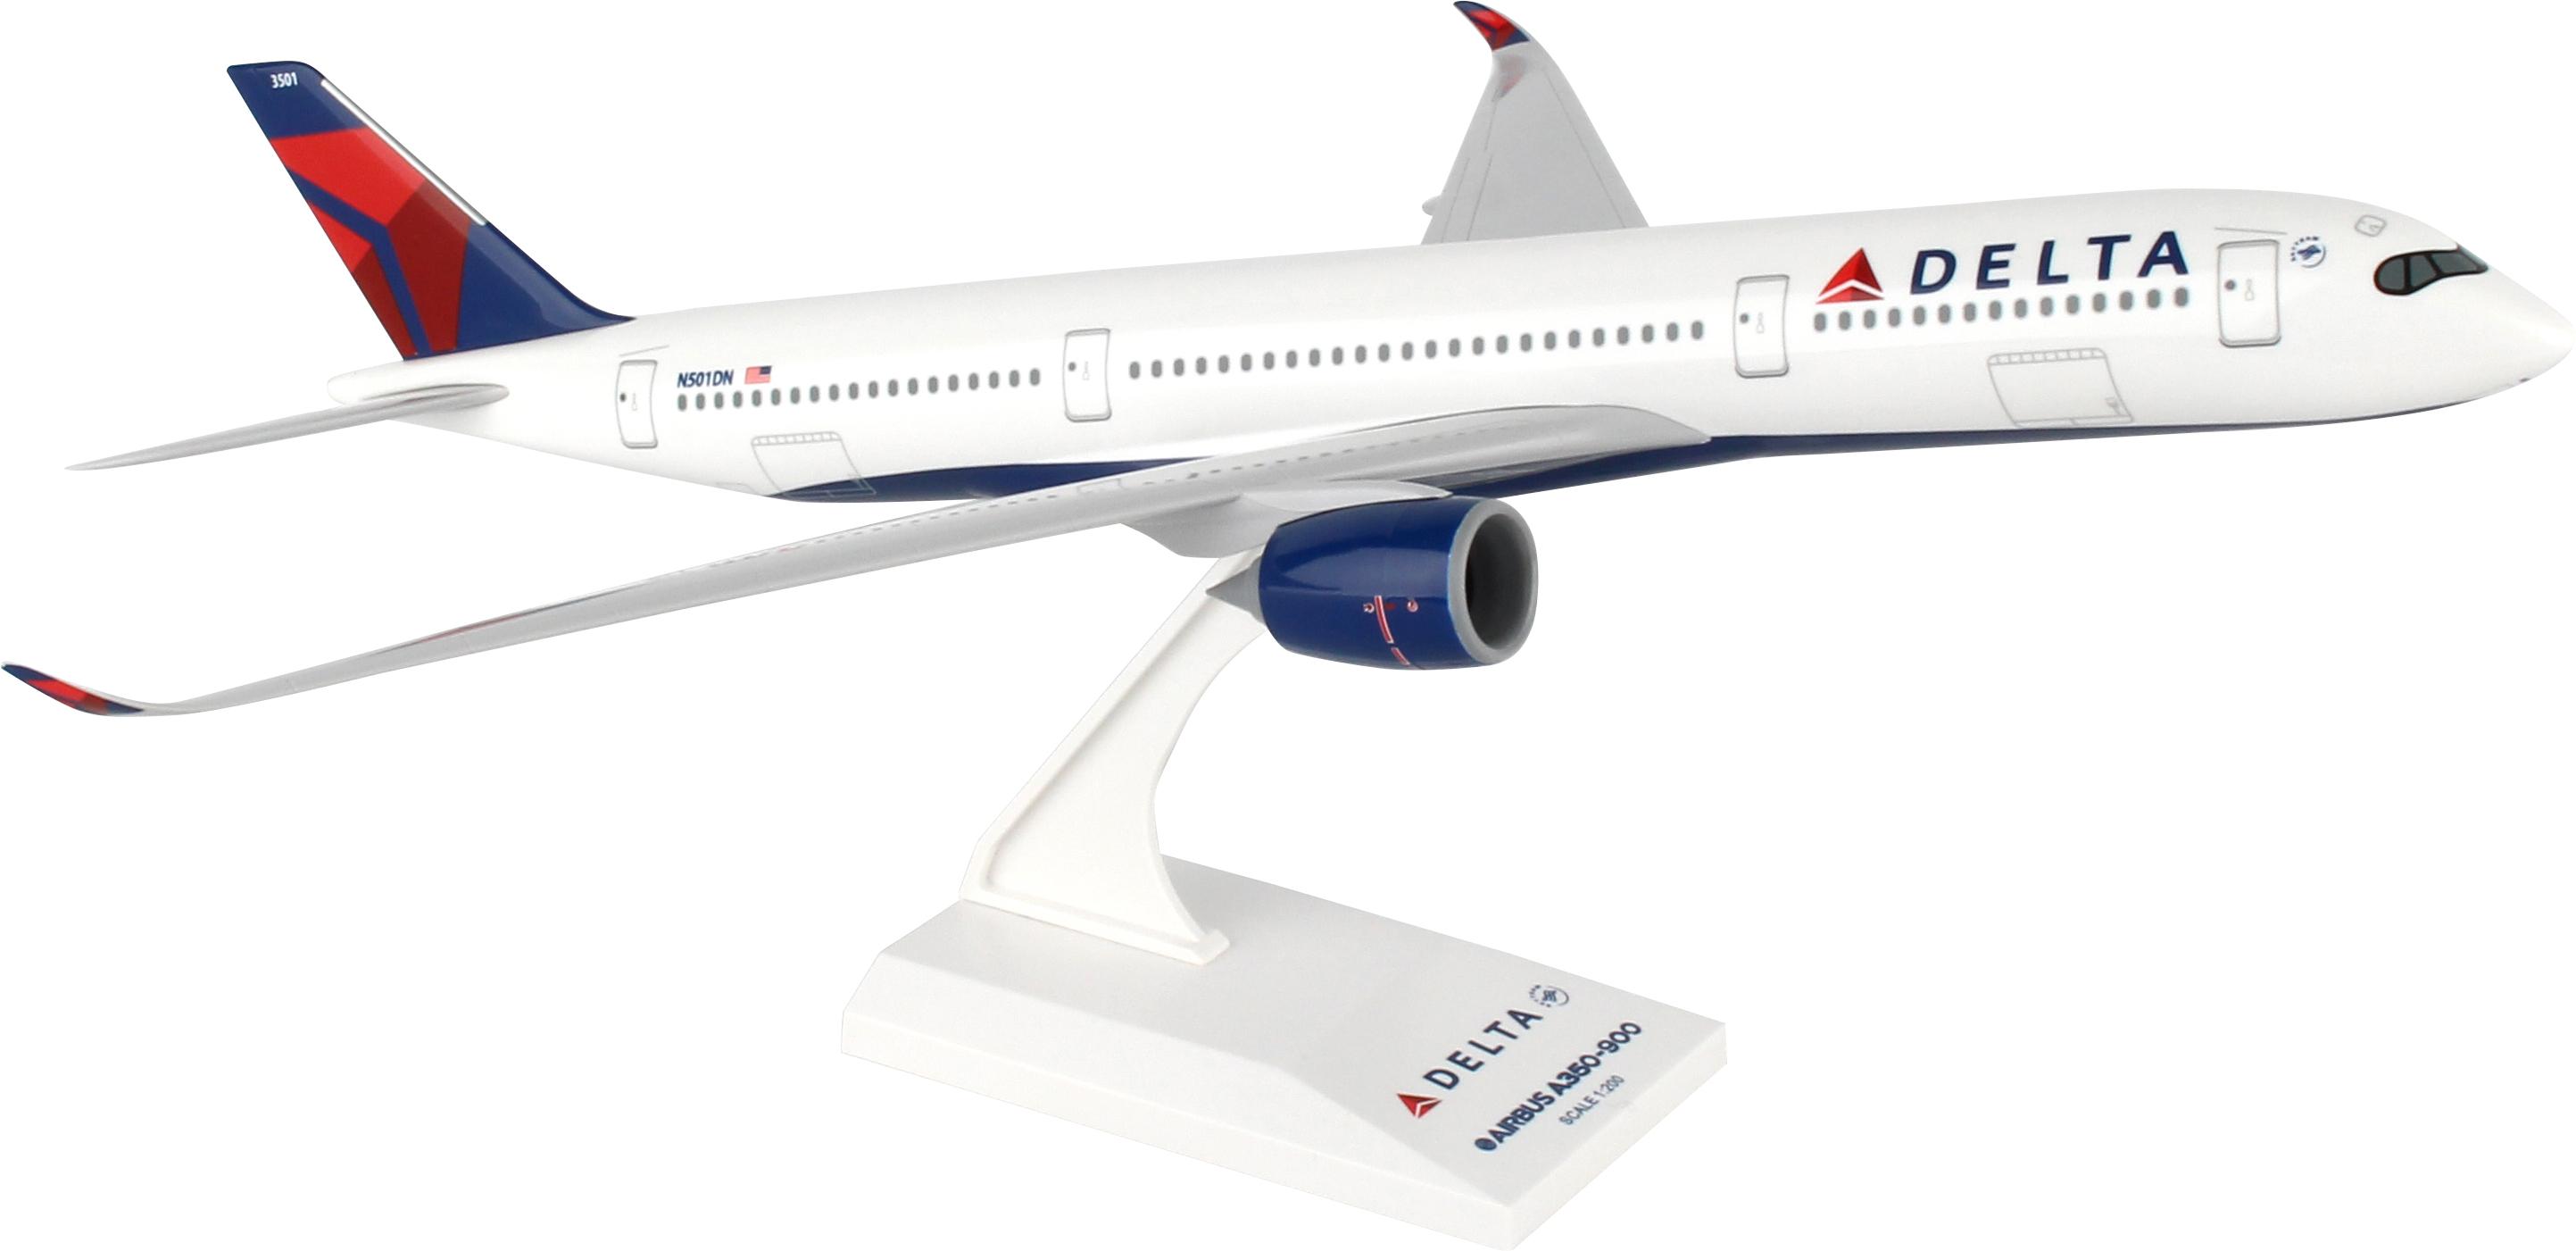 Delta - Airbus A350 (1:200) von SkyMarks